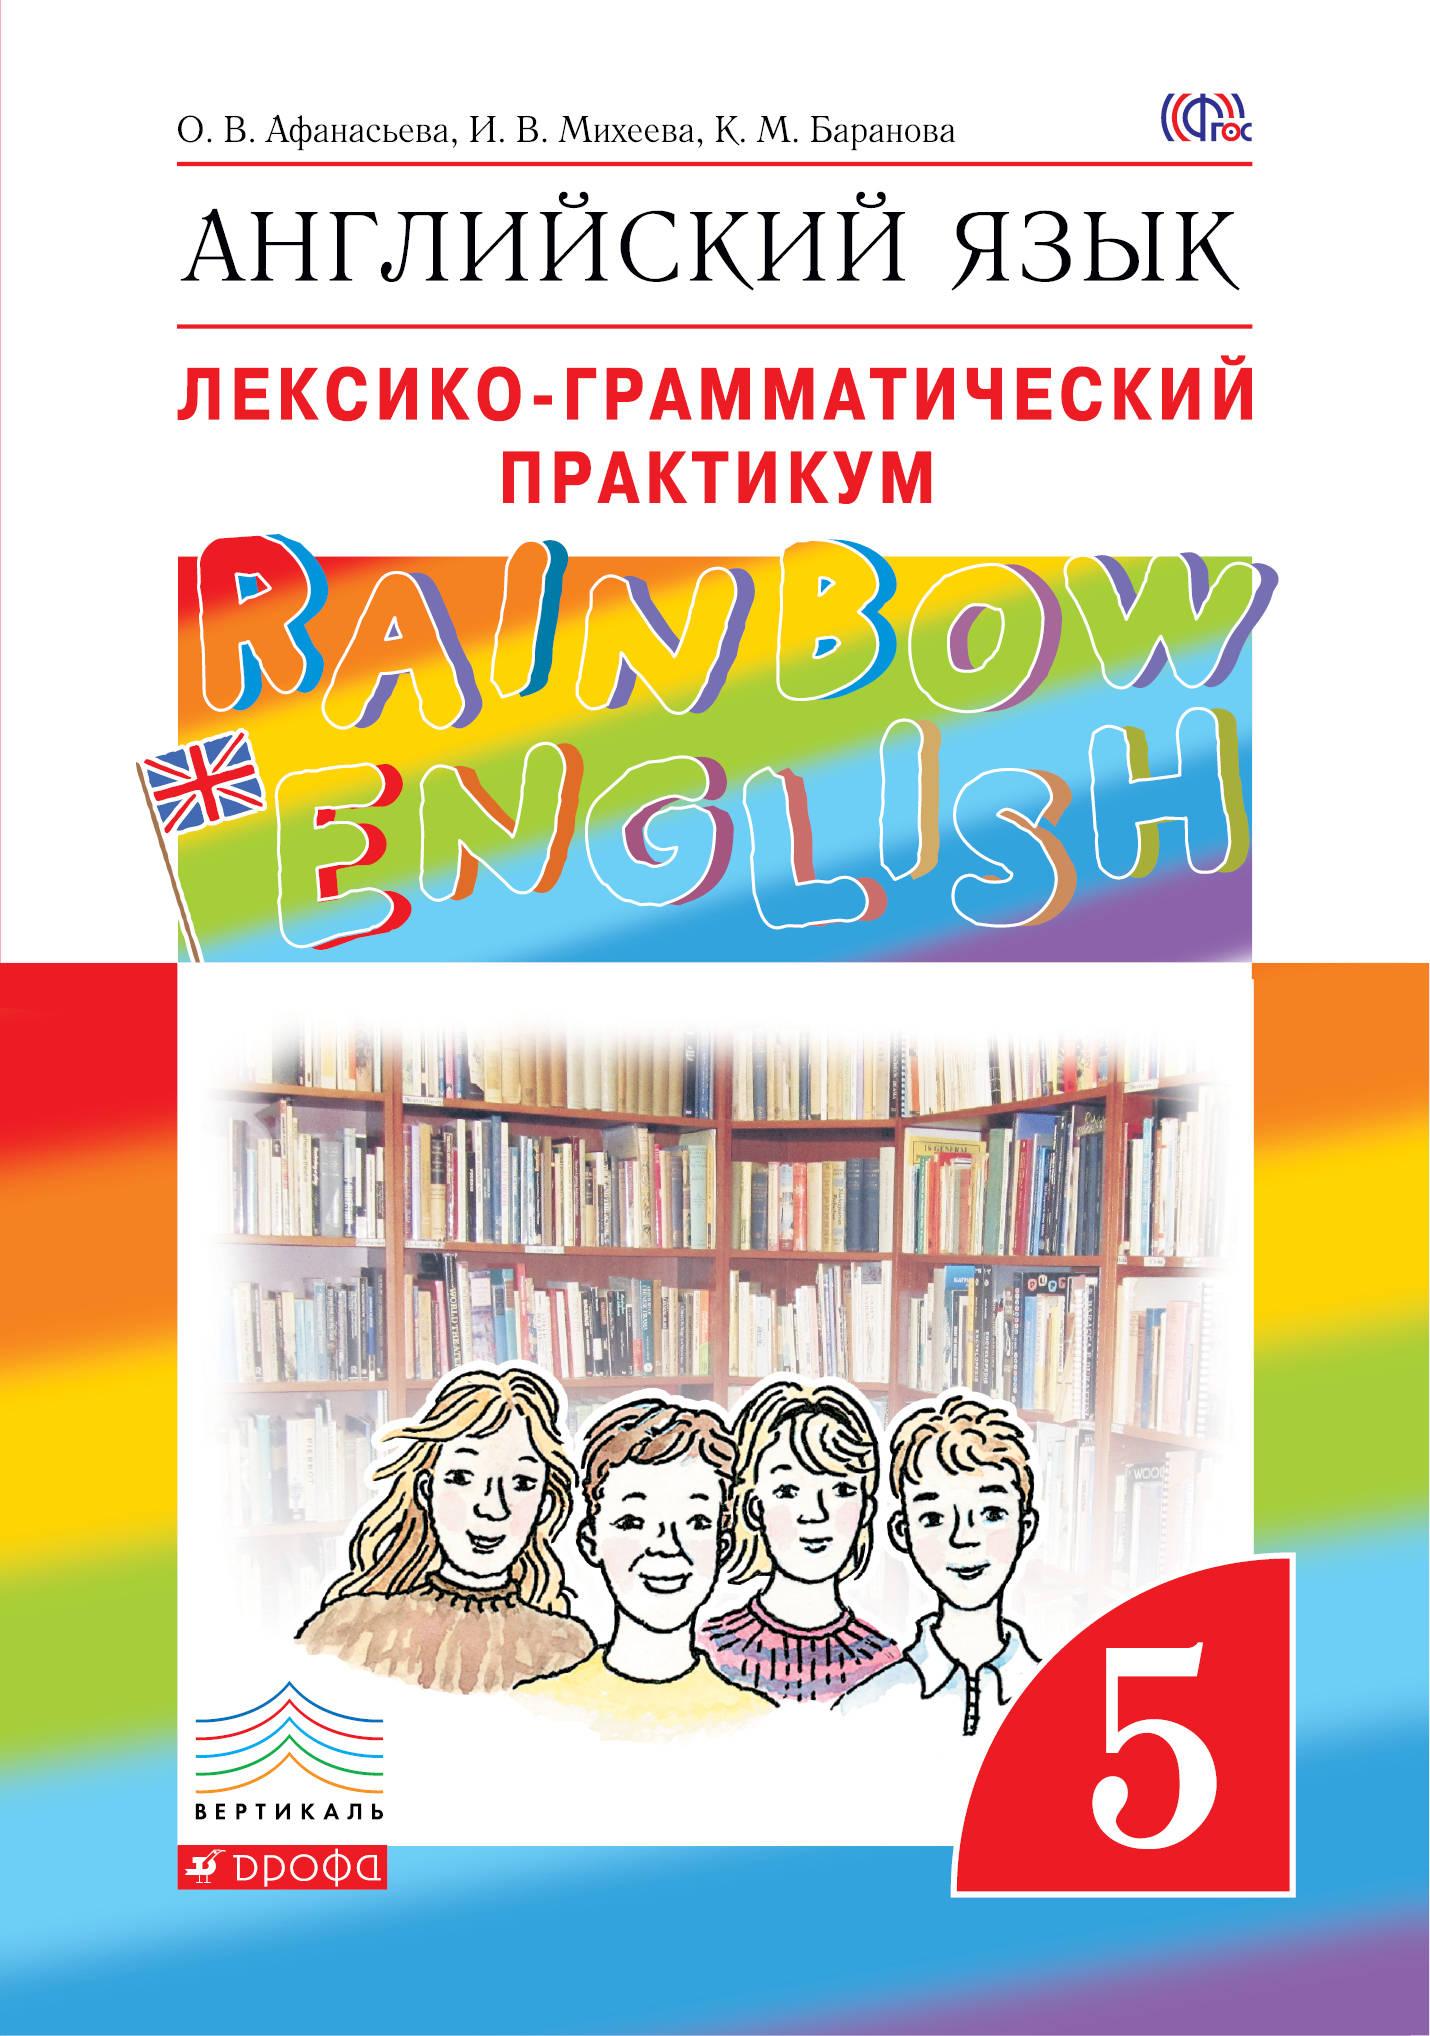 купить О. В. Афанасьева; И. В. Михеева; К. М. Баранова Английский язык.